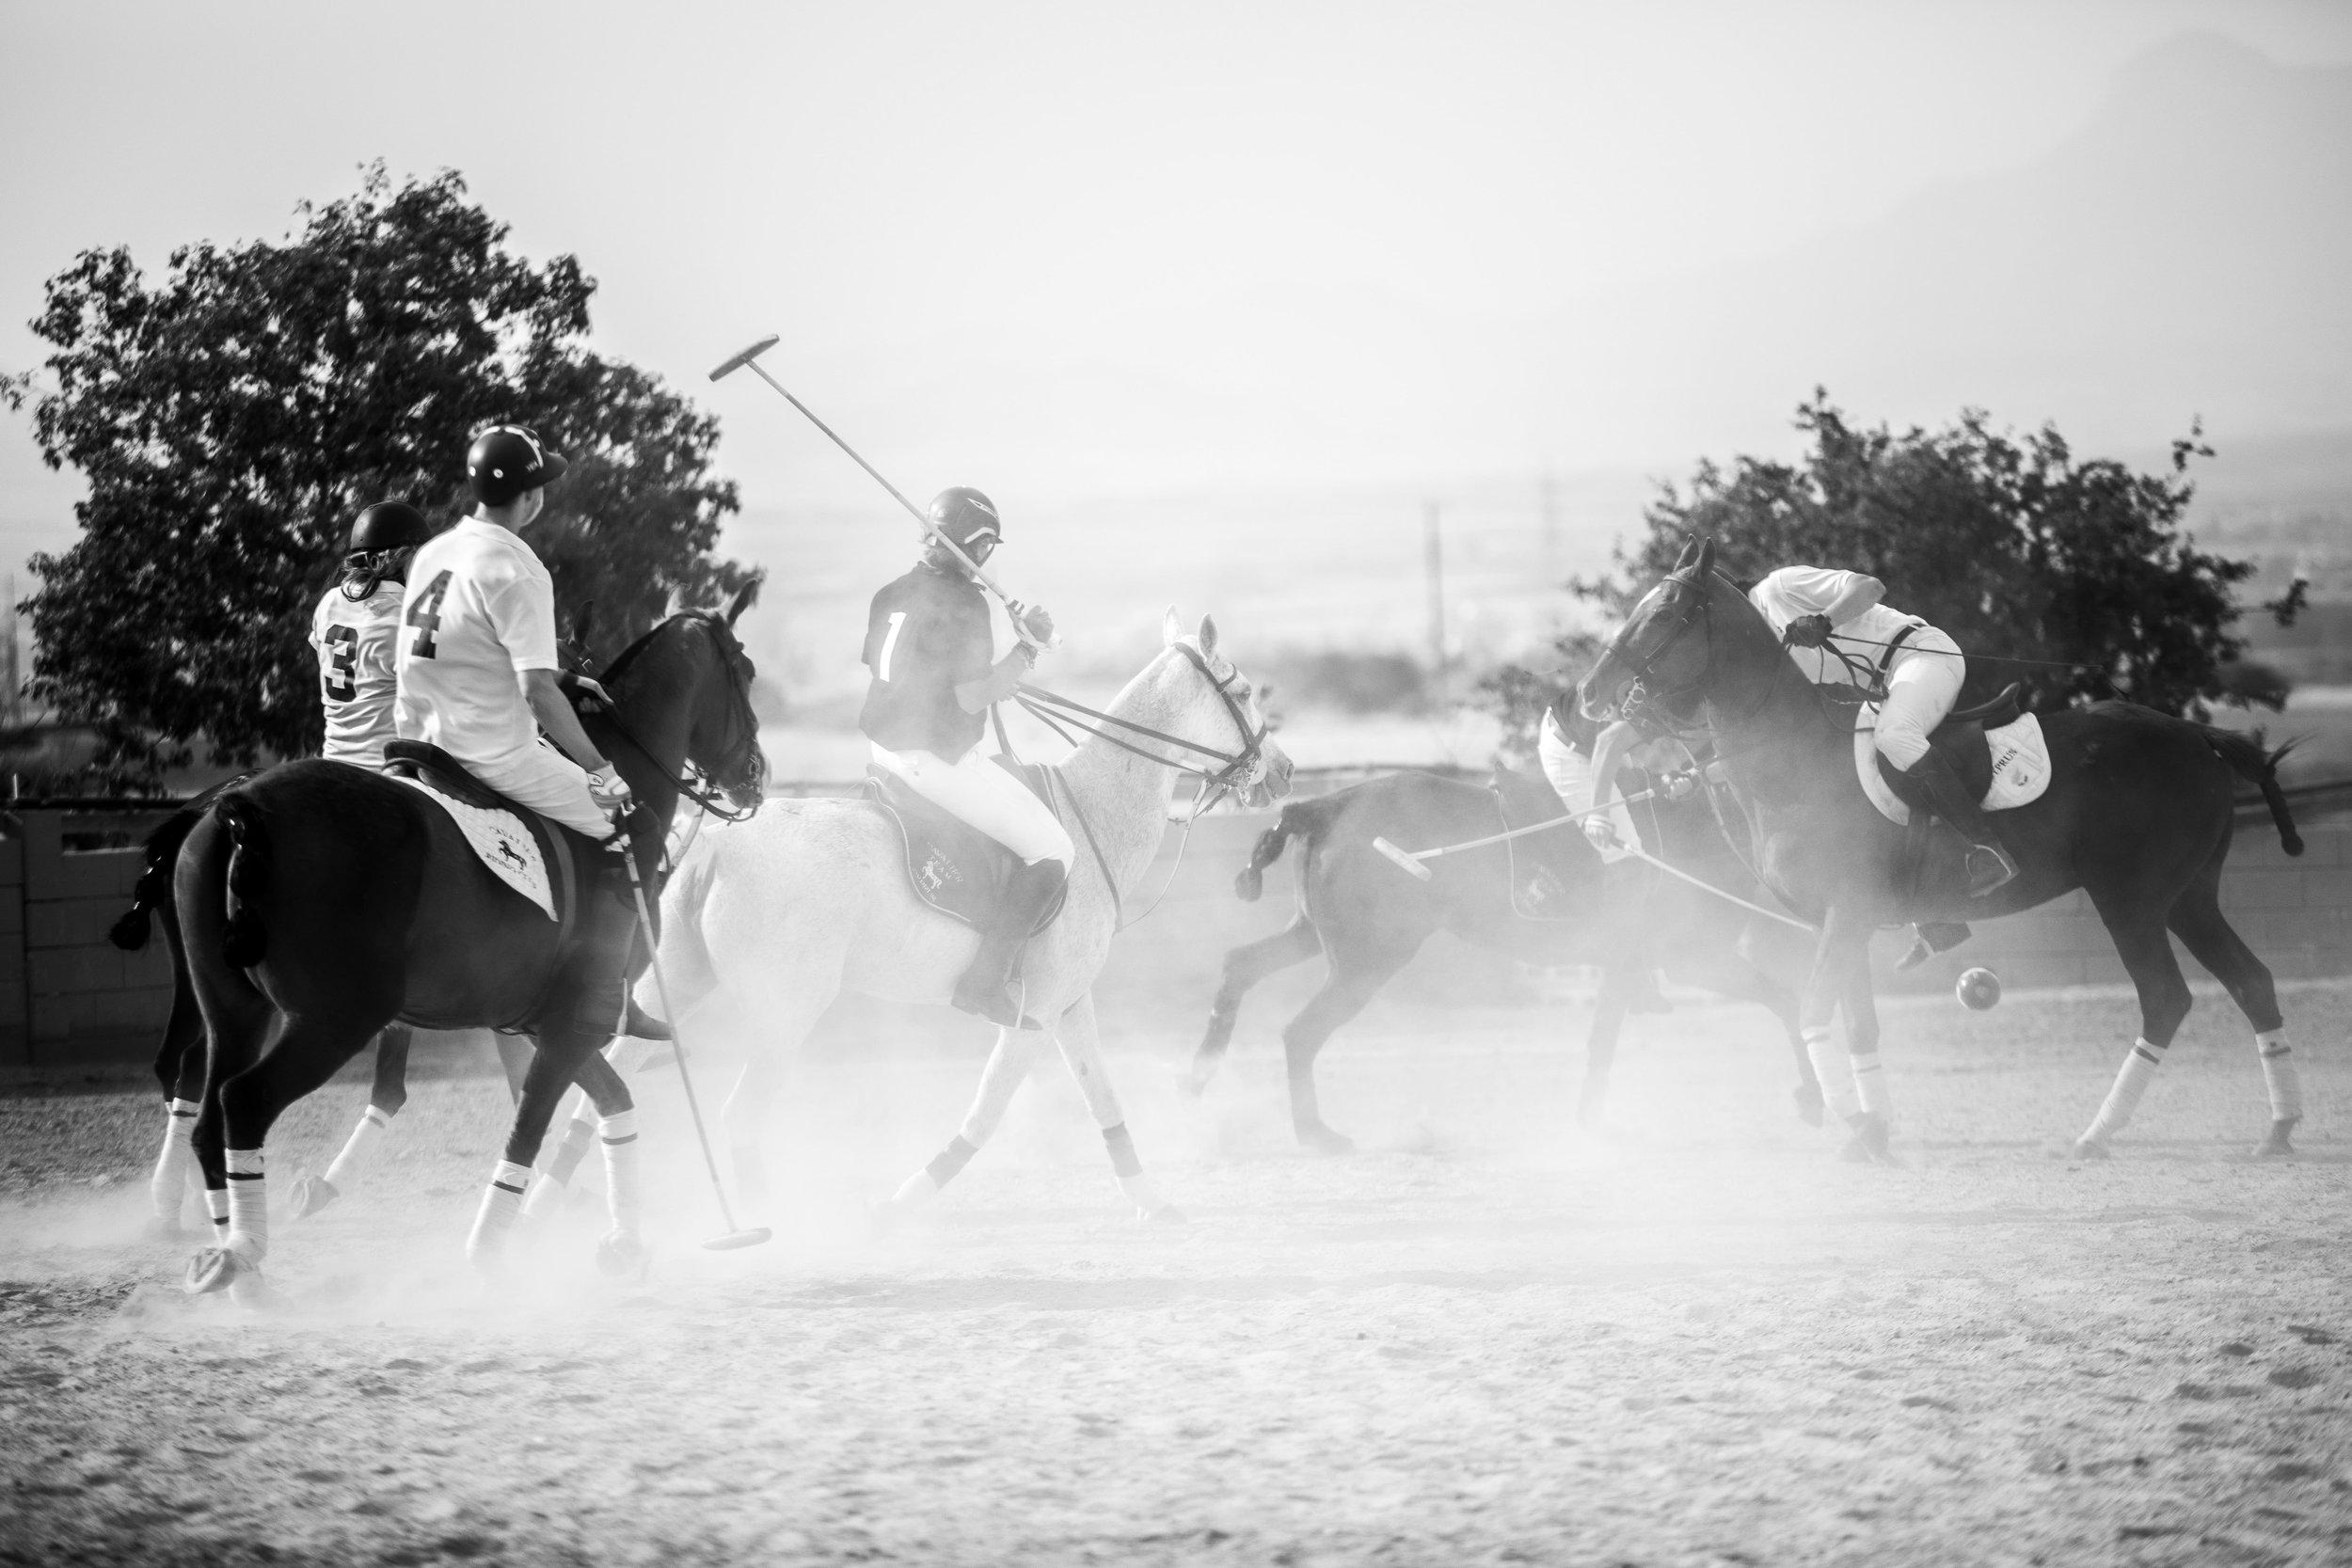 Polo©AndreasPoupoutsis (31 of 52)-min.jpg